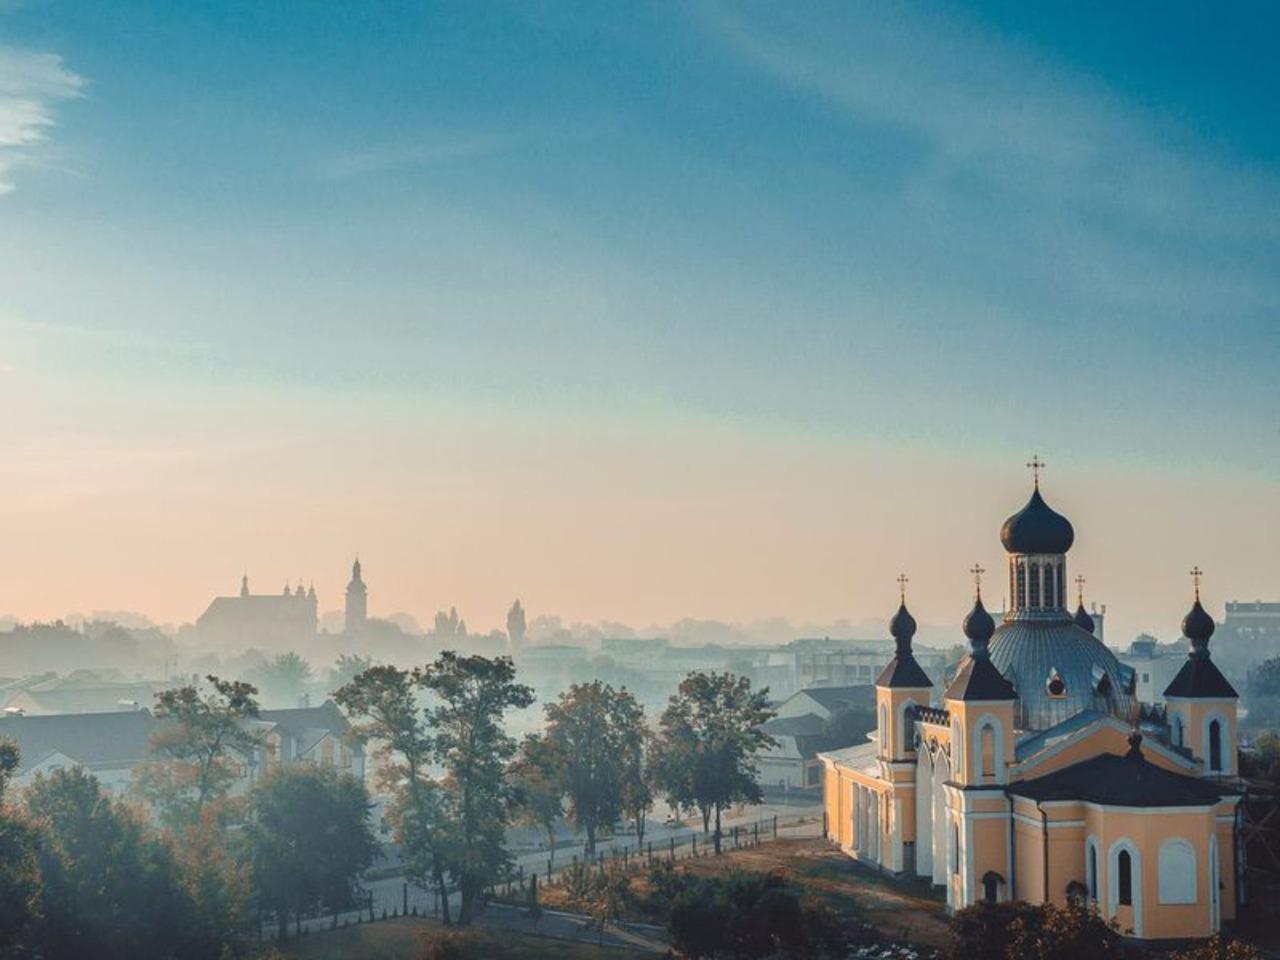 Из Минска в Брест - индивидуальная экскурсия в Минске от опытного гида